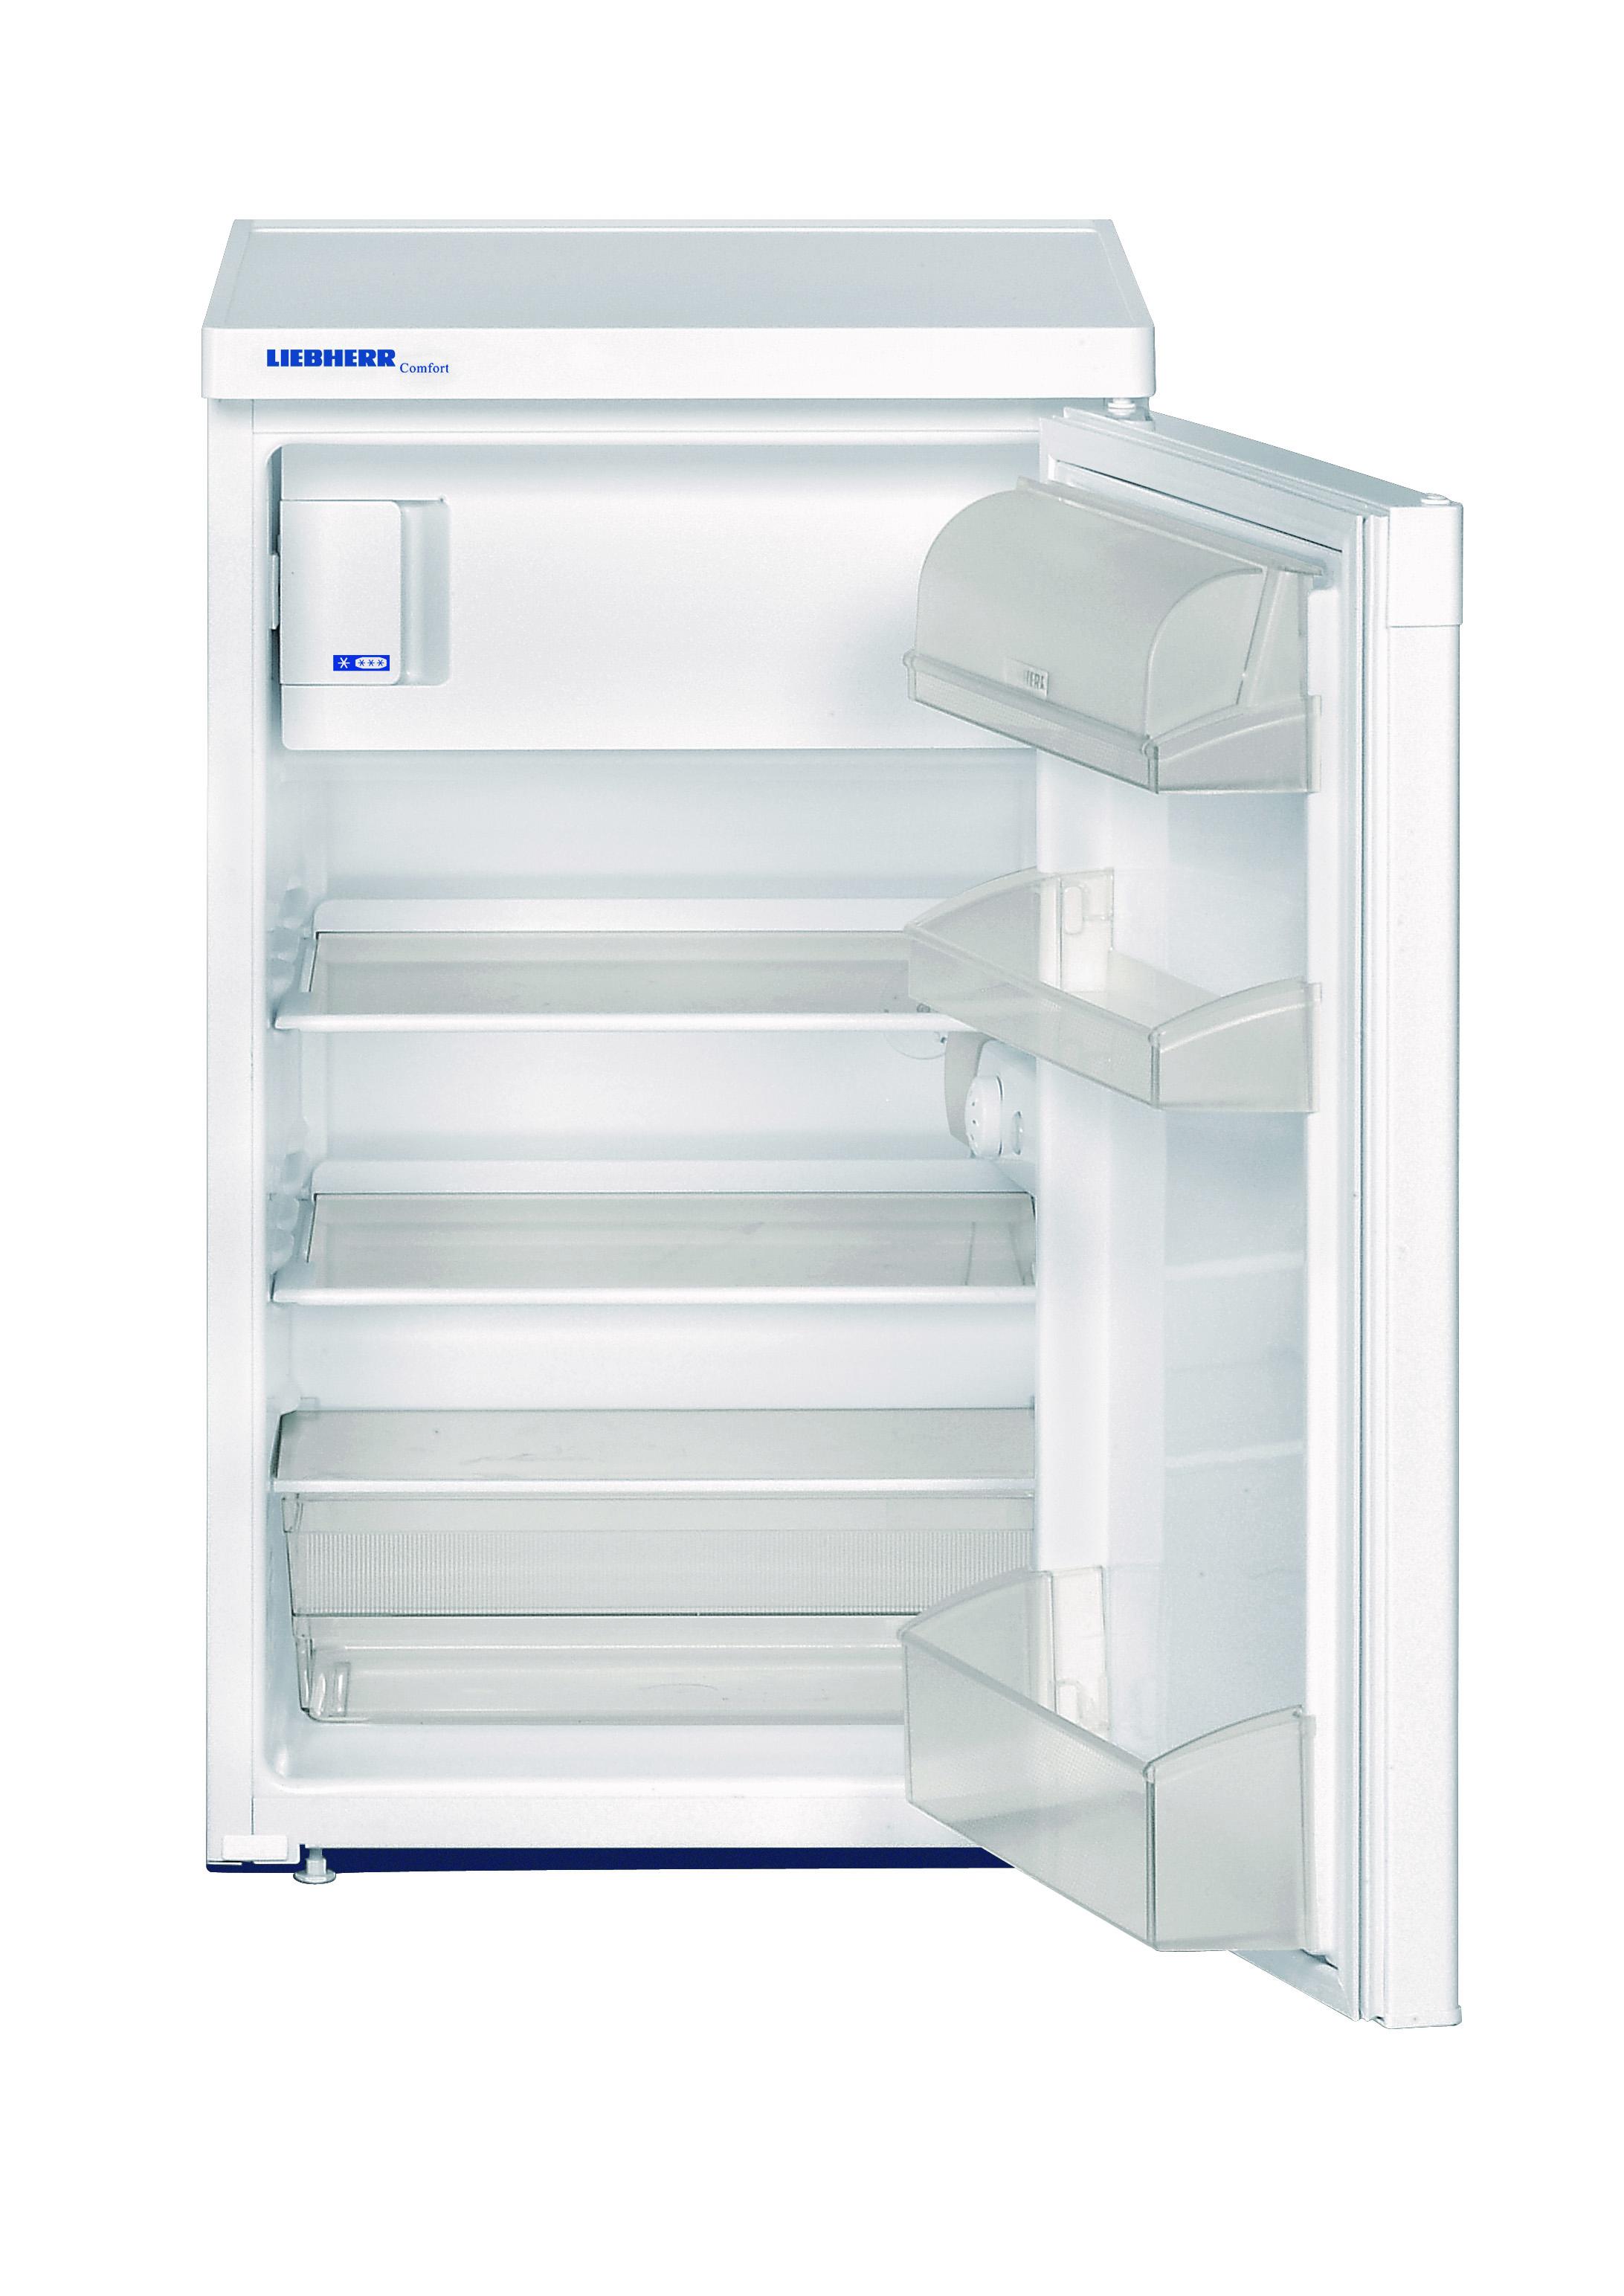 Kühlschrank UKS 1444 Liebherr | Kühlschrank | Elektrogeräte | Limatec